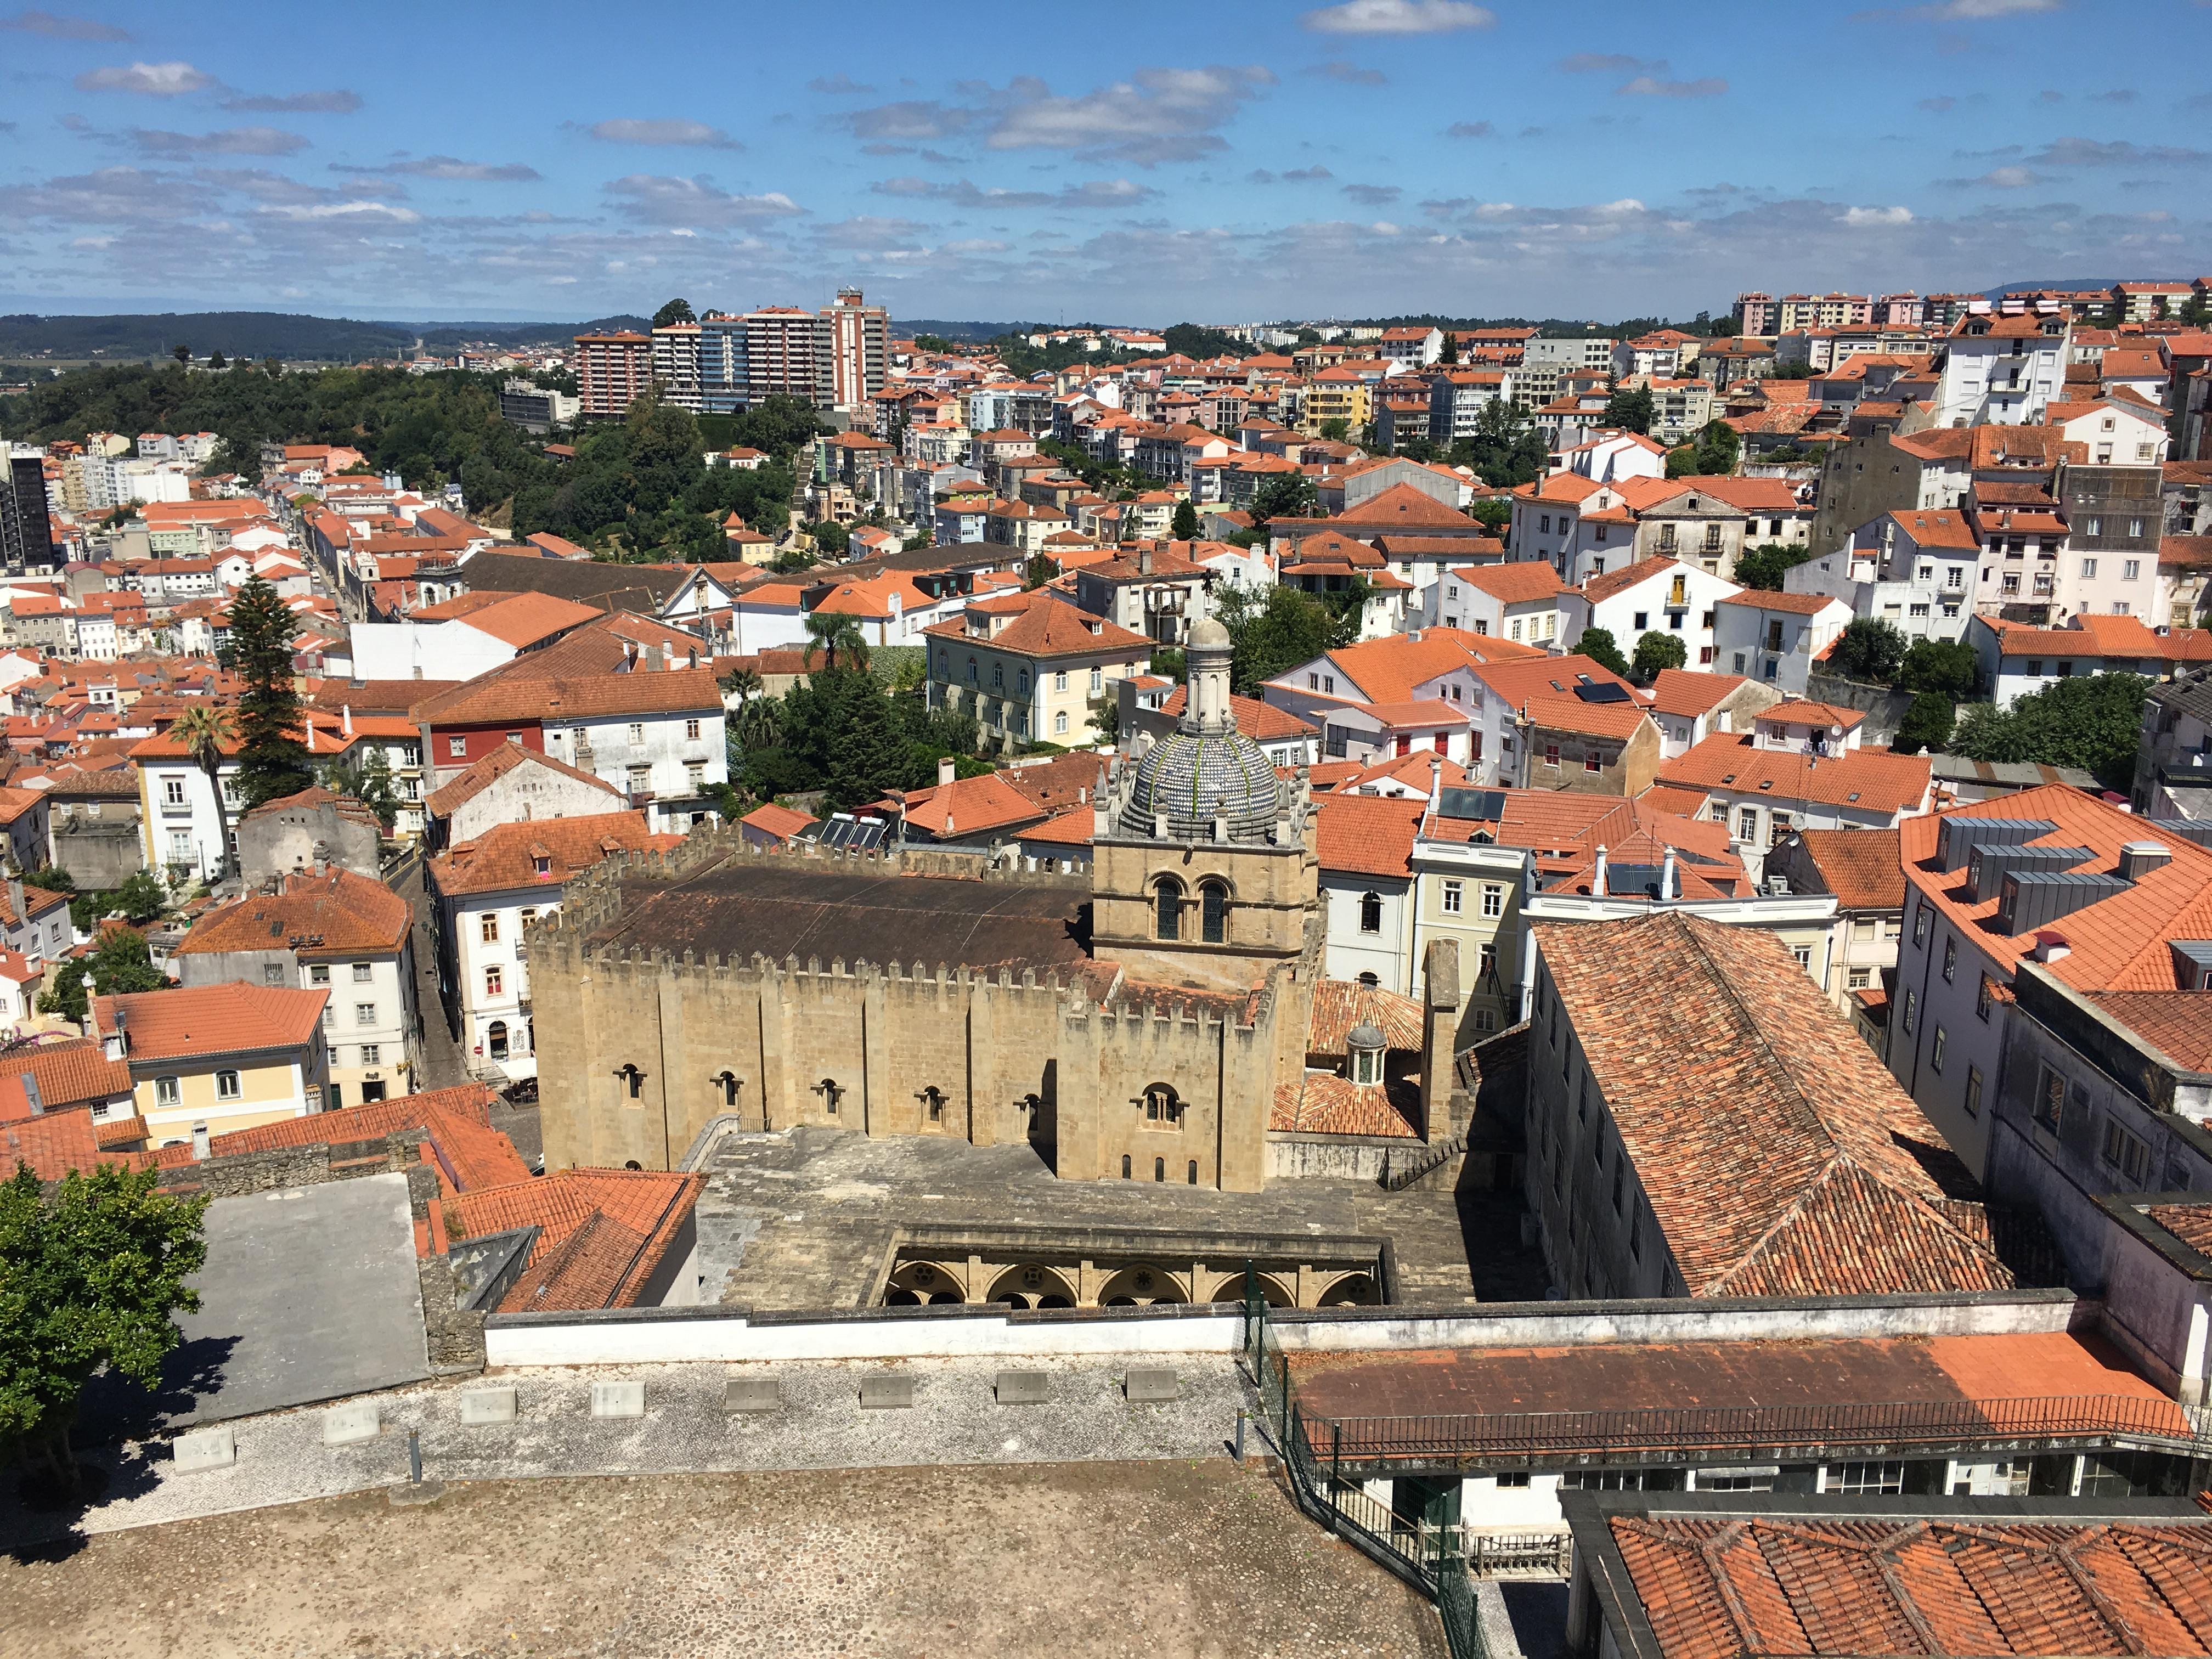 Vista sui tetti di Coimbra